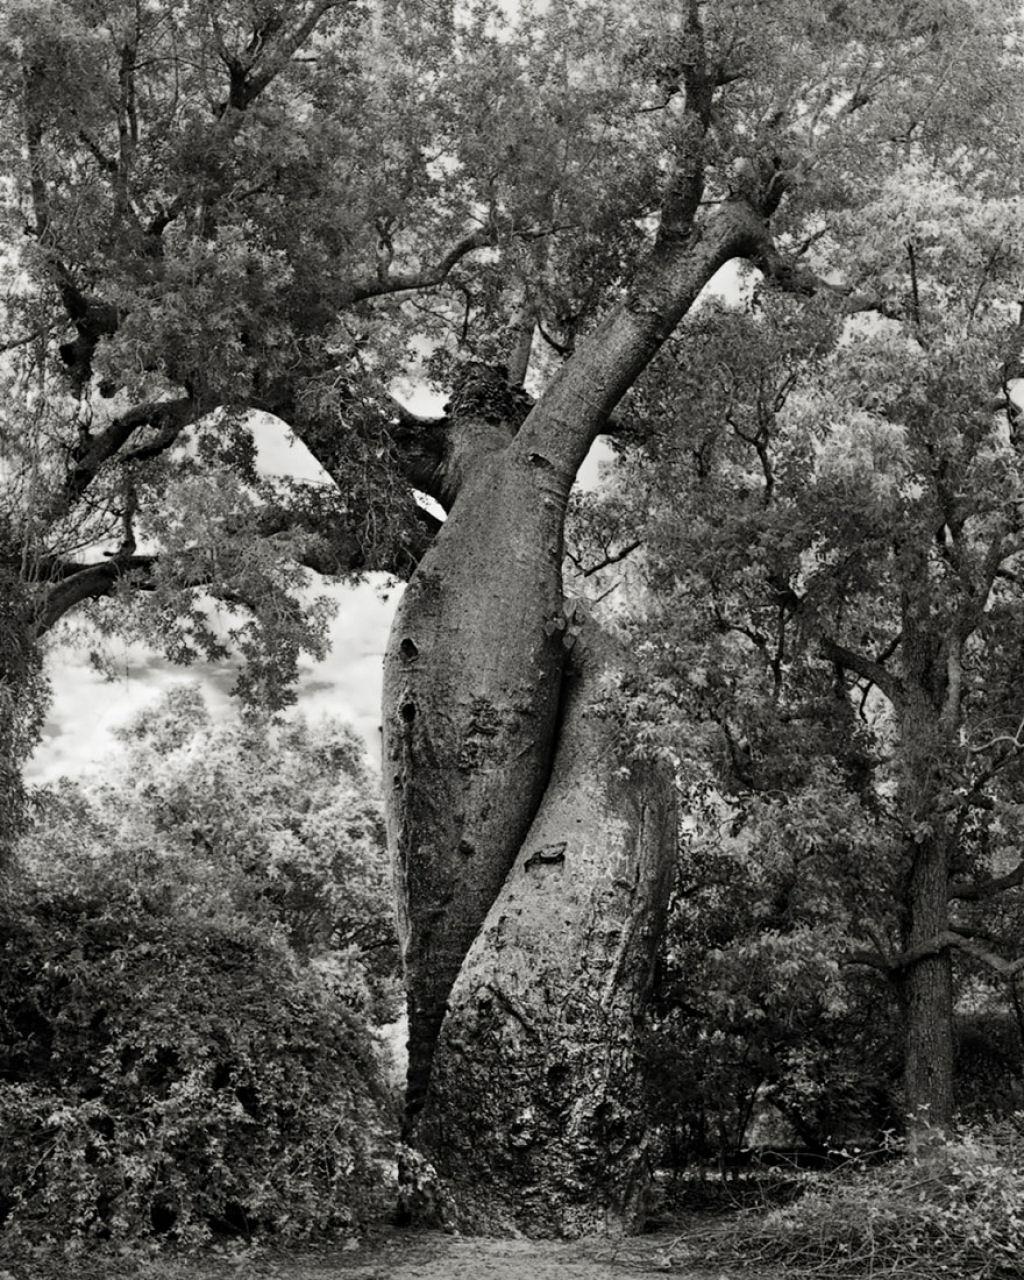 fotografías arboles antiguos por beth moon (2)